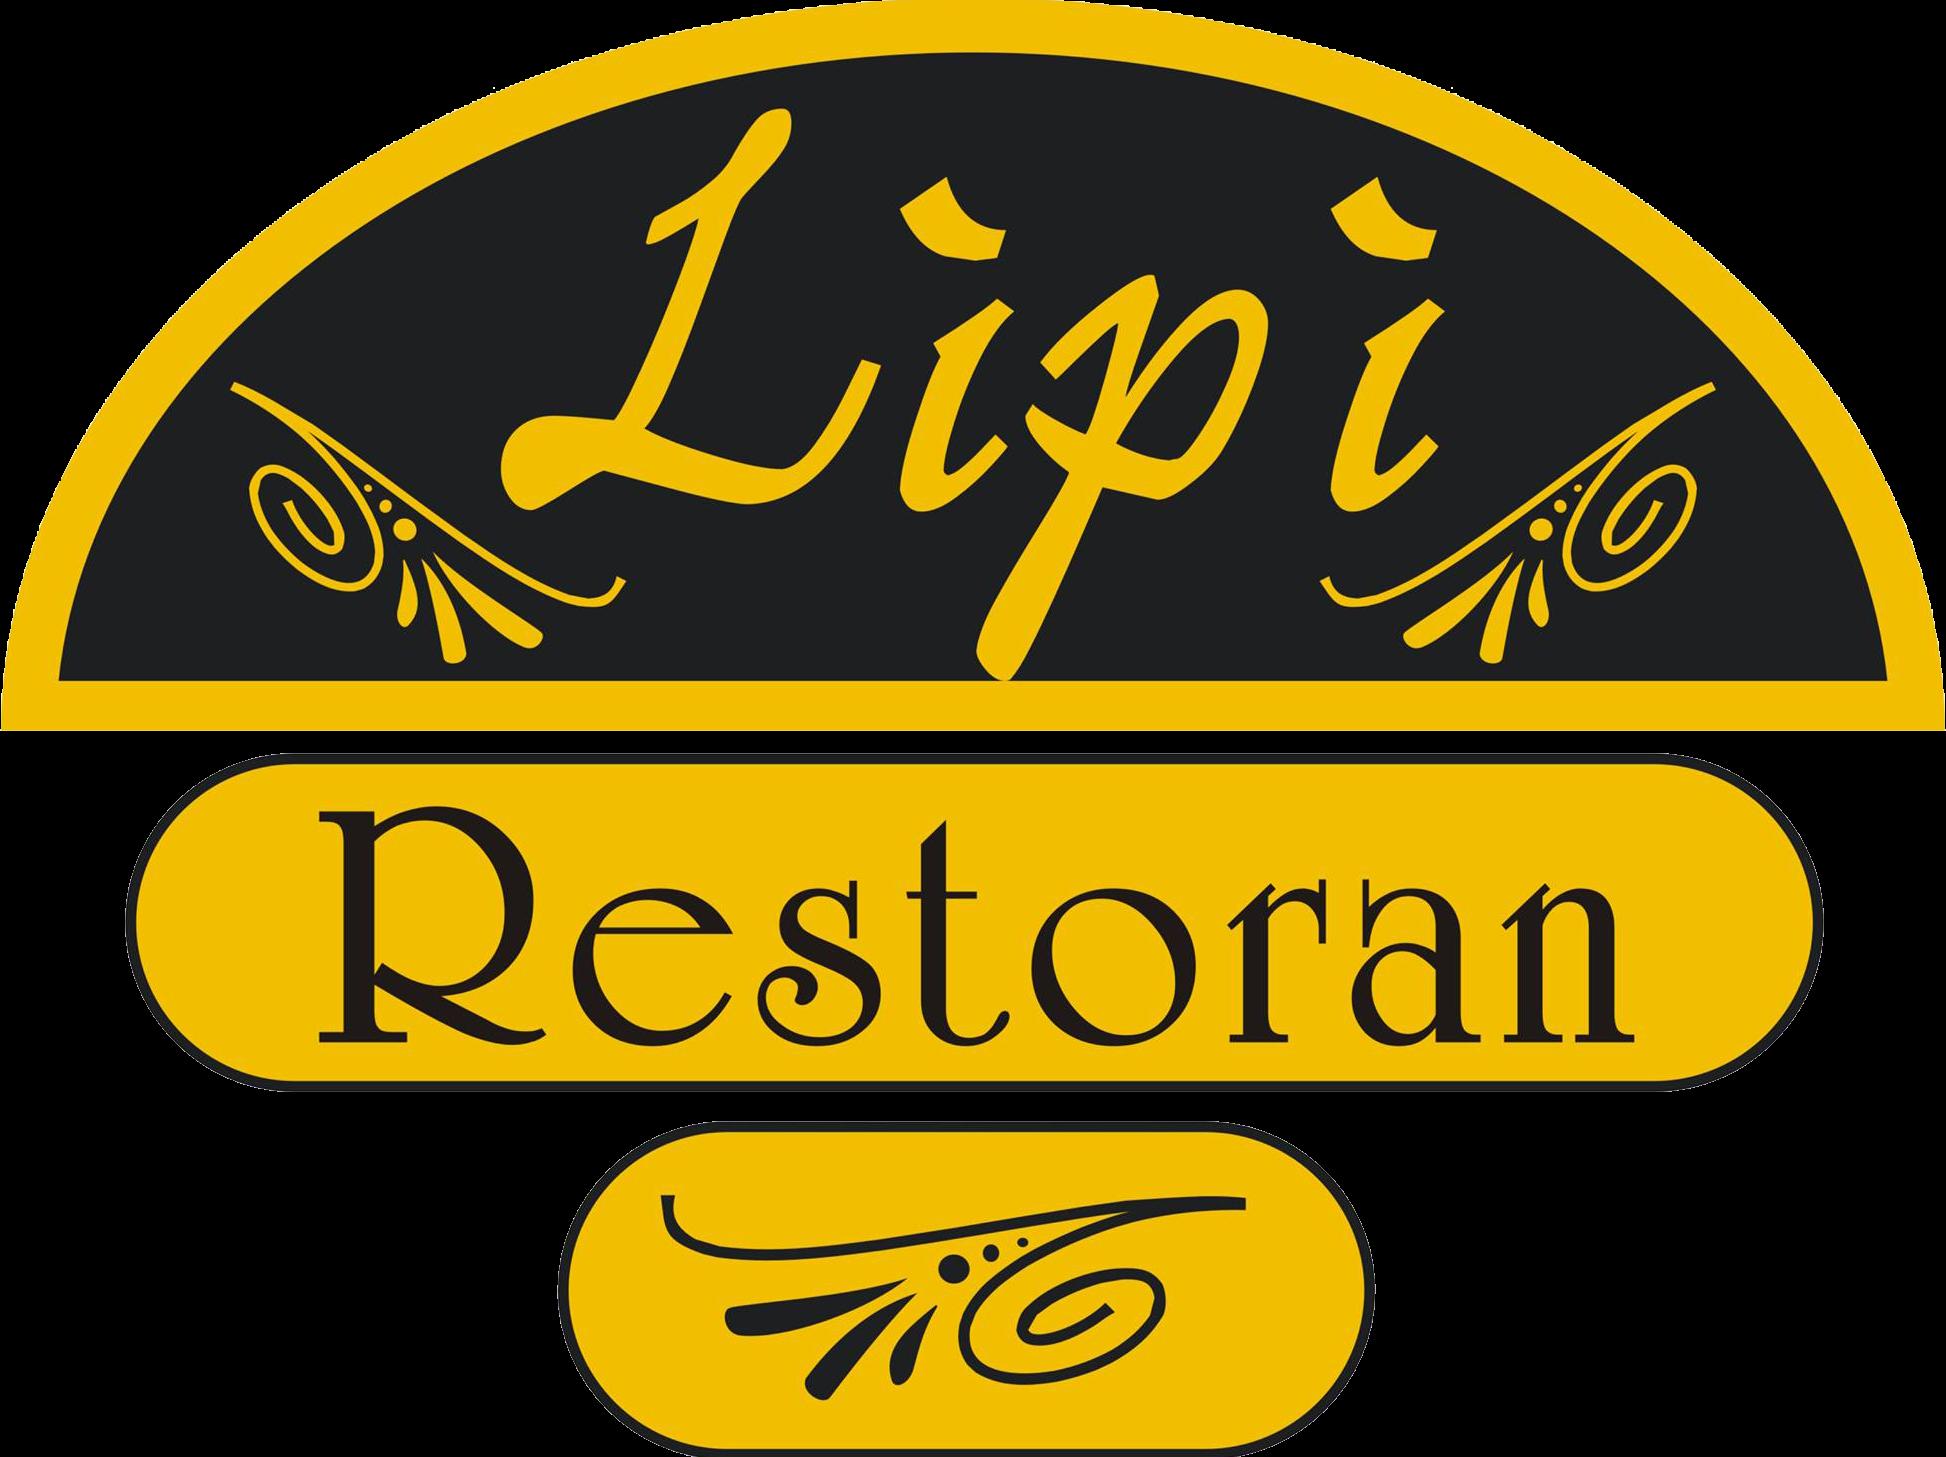 Restoran Lipi – Ivanec